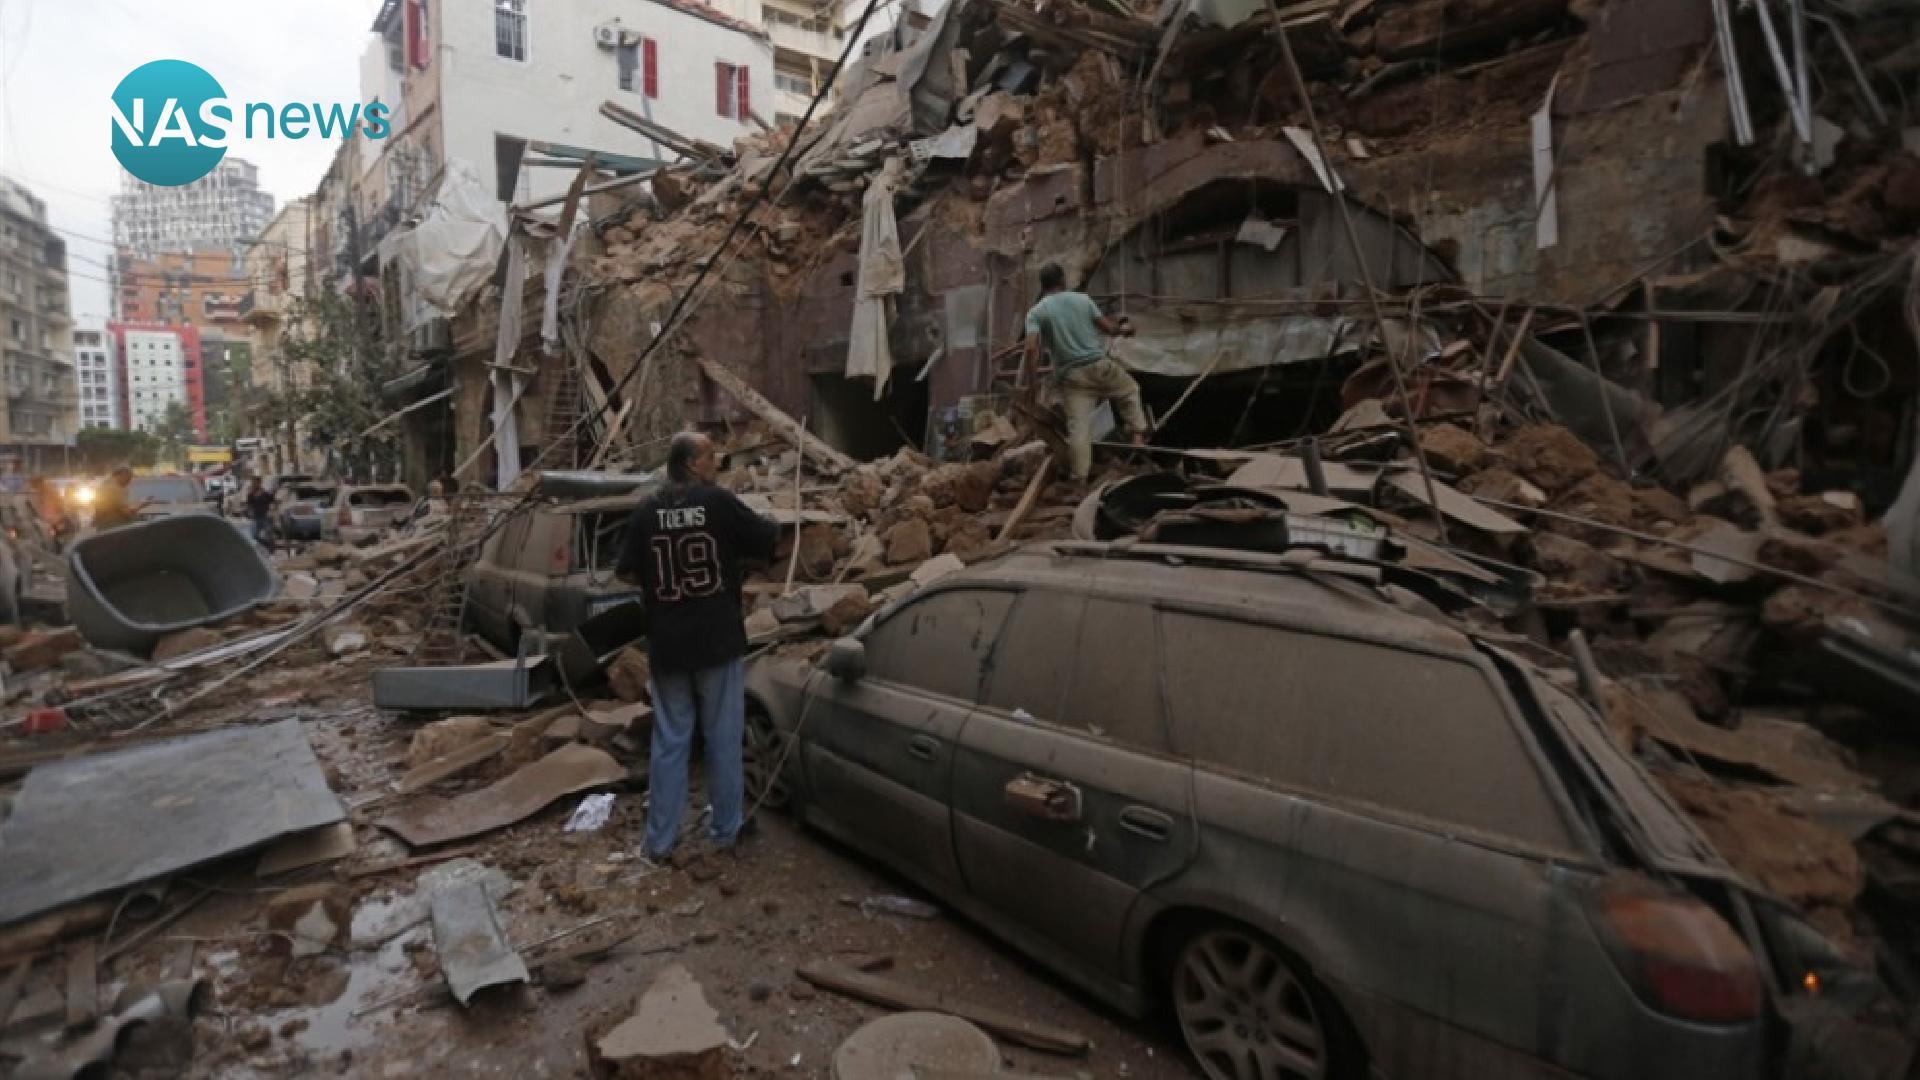 صحيفة حزب الله تدعو إلى 'قطف رؤوس كبيرة': 6 رسائل سبقت 'انهيار بيروت'